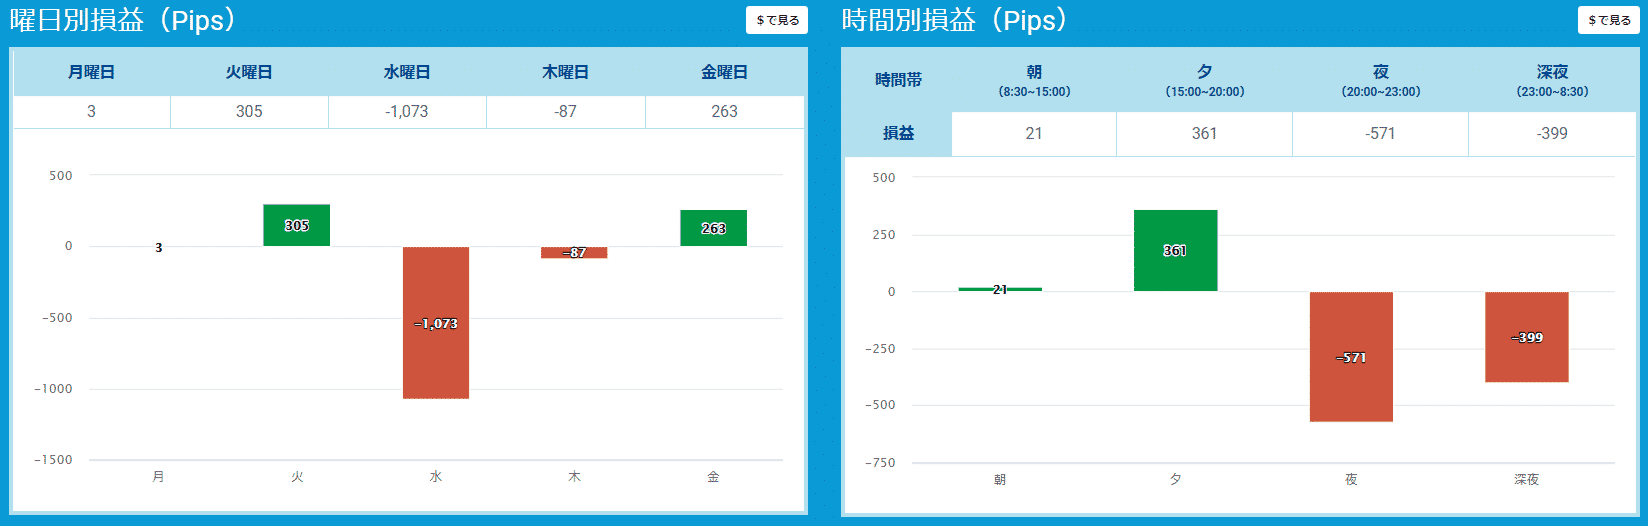 プロップトレーダーチャートTsutomu2